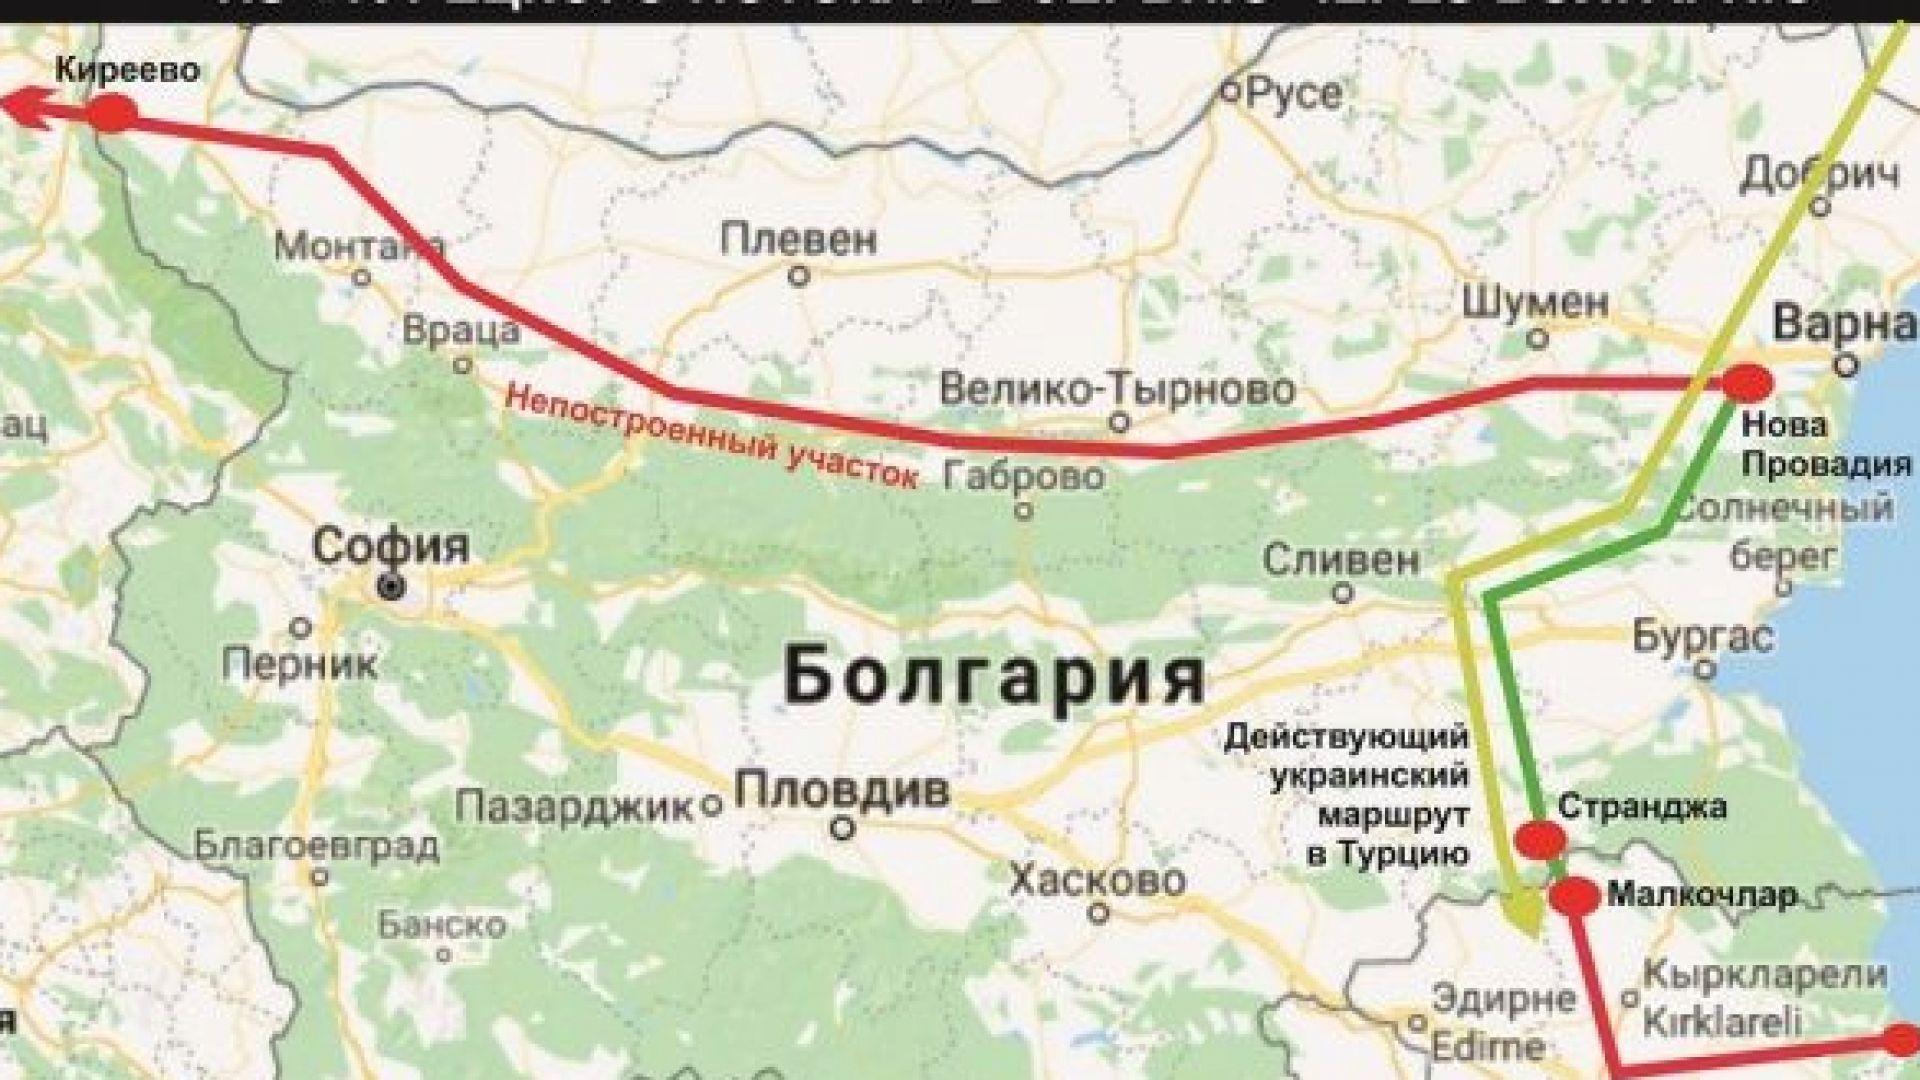 Саудитски гигант слезе с милиард евро под офертата на конкурента си за българския газопровод